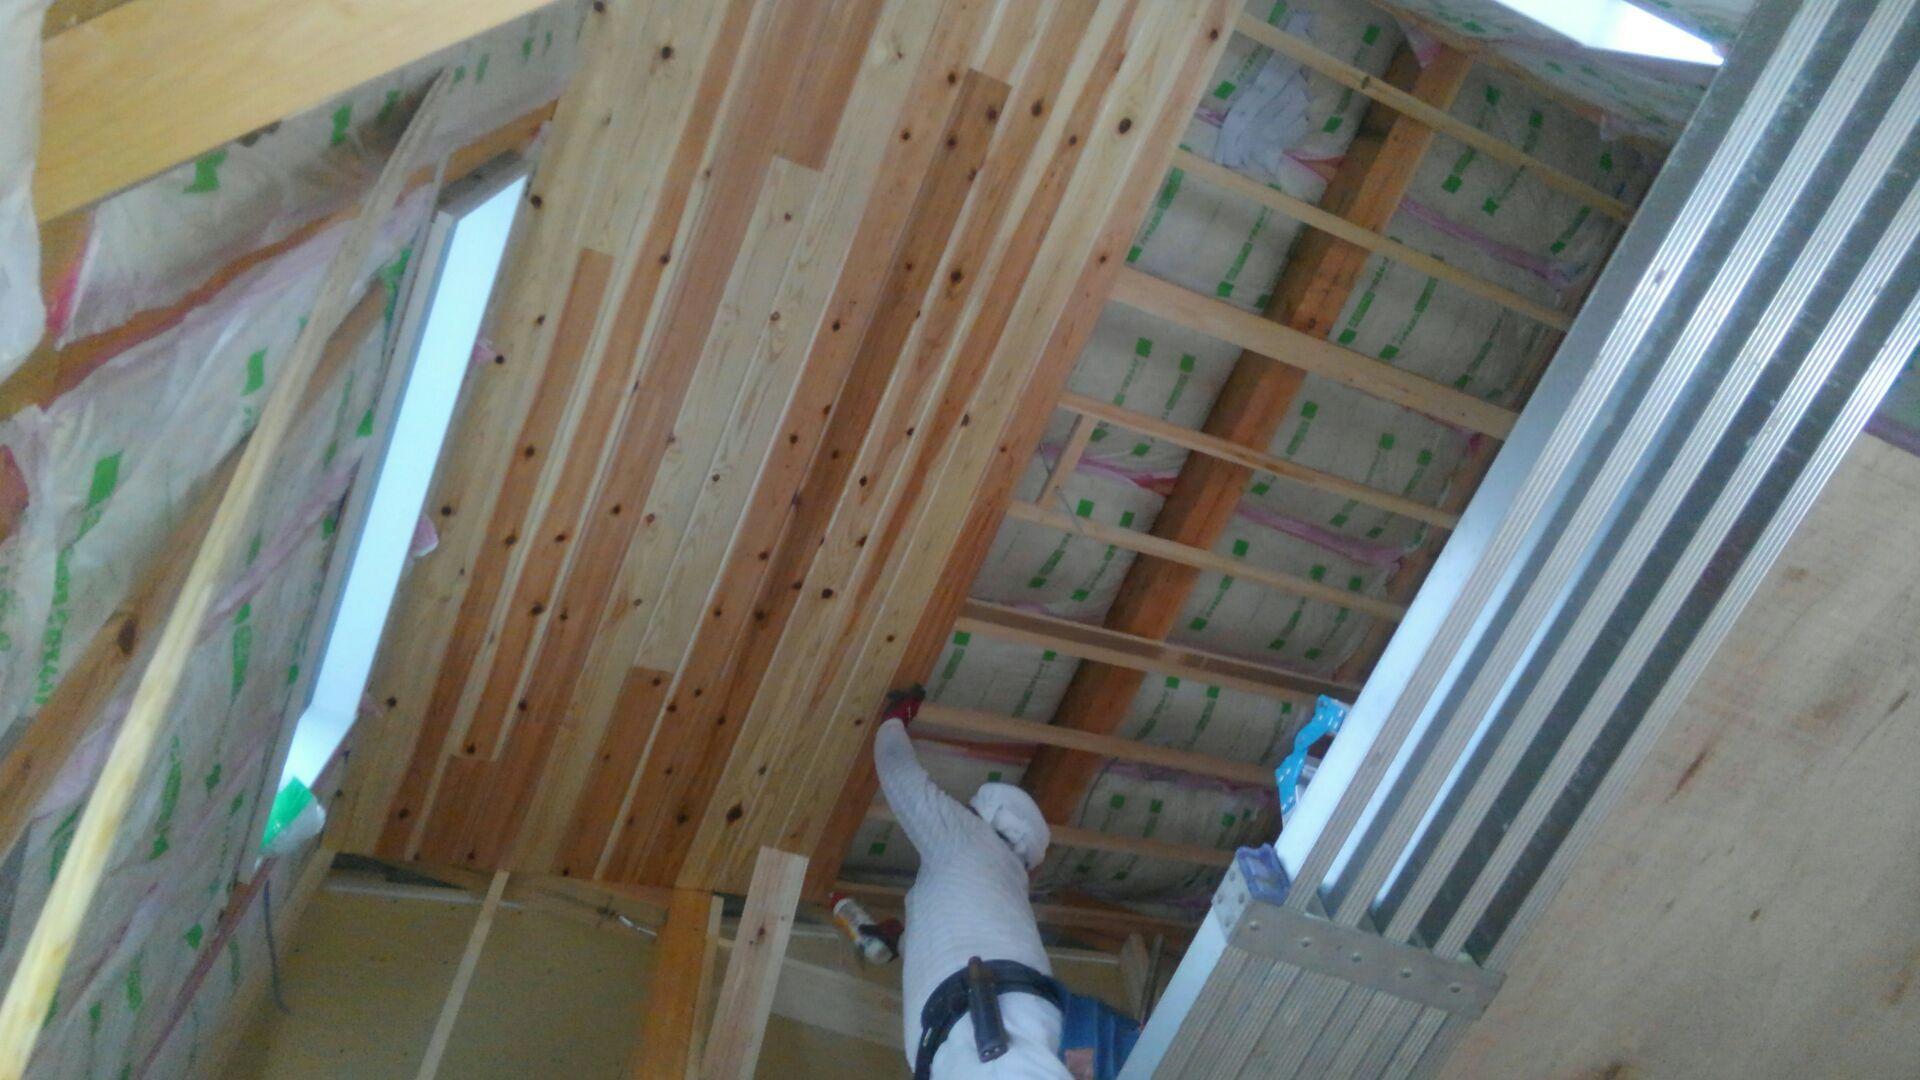 大工さんが吹抜け部の天井、板貼りを始めました。柳杉の塗装品。しらた(木材の樹皮に近い周辺部)、あかた(木材の内部の色が濃い部分)が入りまじり、それがまたキレイでステキですね。ちなみにリビングの天井も一部板貼りです♪